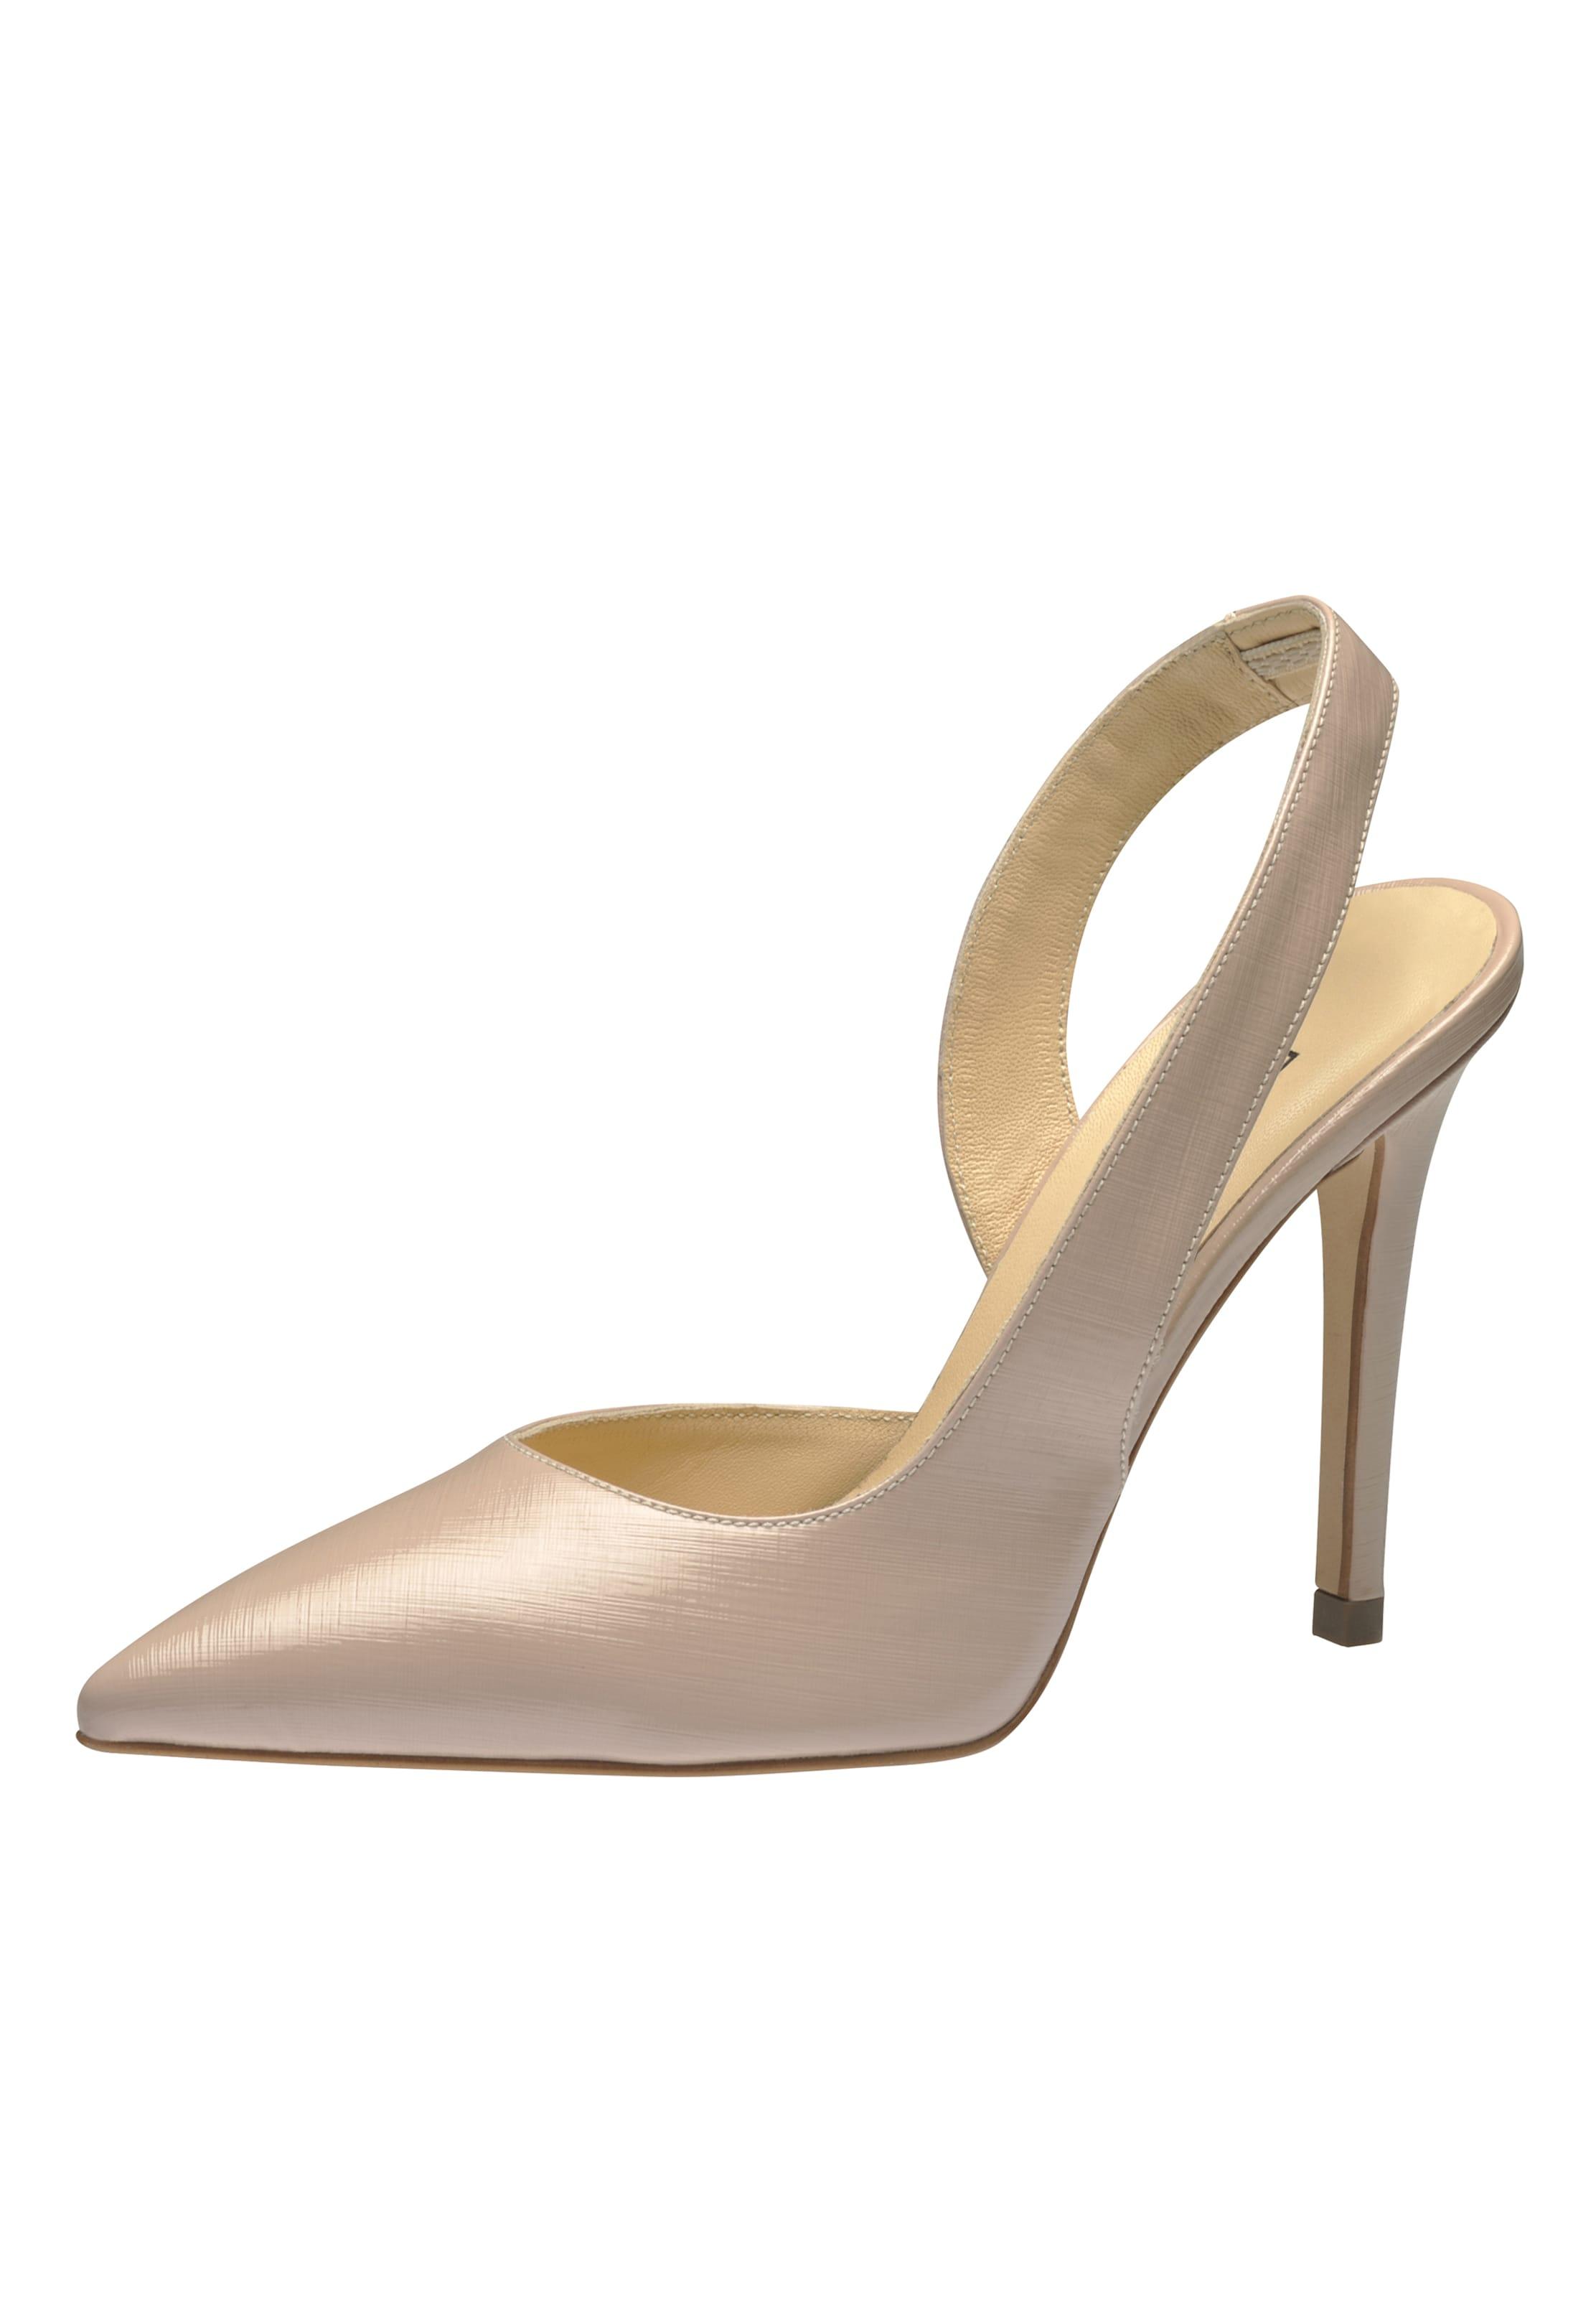 EVITA Damen Sling Pumps Verschleißfeste billige Schuhe